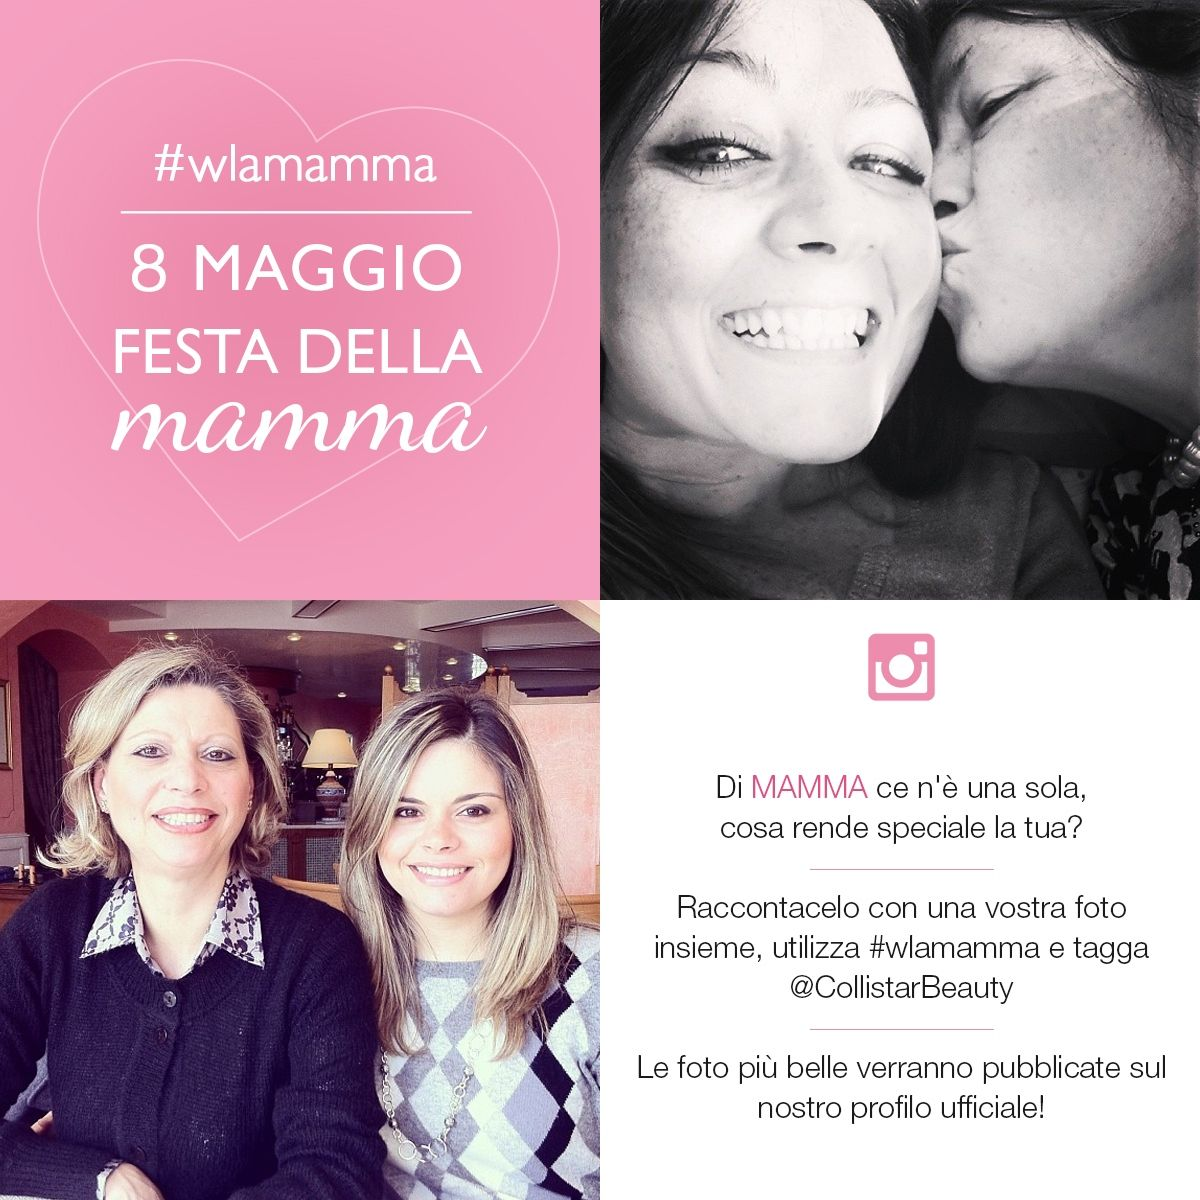 Di MAMMA ce n'è una sola, cosa rende speciale la tua? Raccontacelo con una vostra foto utilizza #wlamamma e tagga @CollistarBeauty. Le foto più belle verranno pubblicate sul nostro profilo Instagram ufficiale!